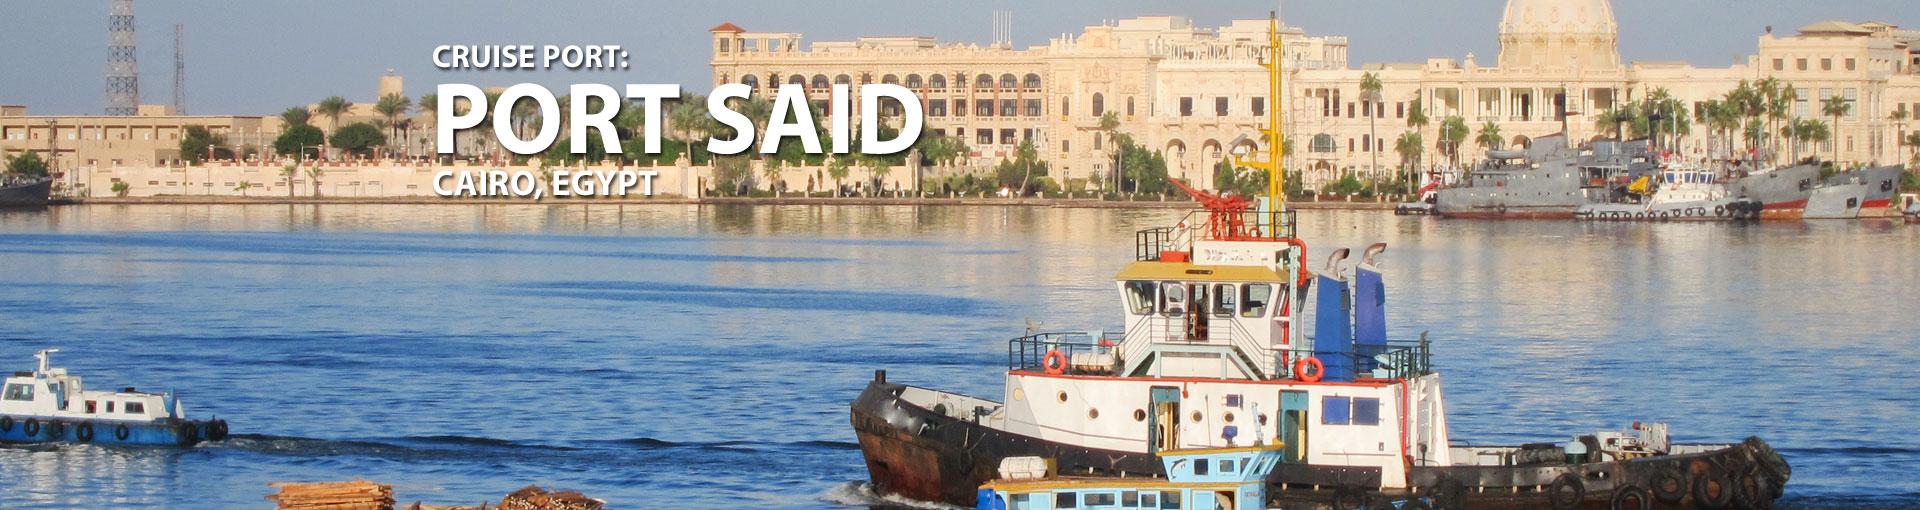 Cruises to Port Said (Cairo), Egypt